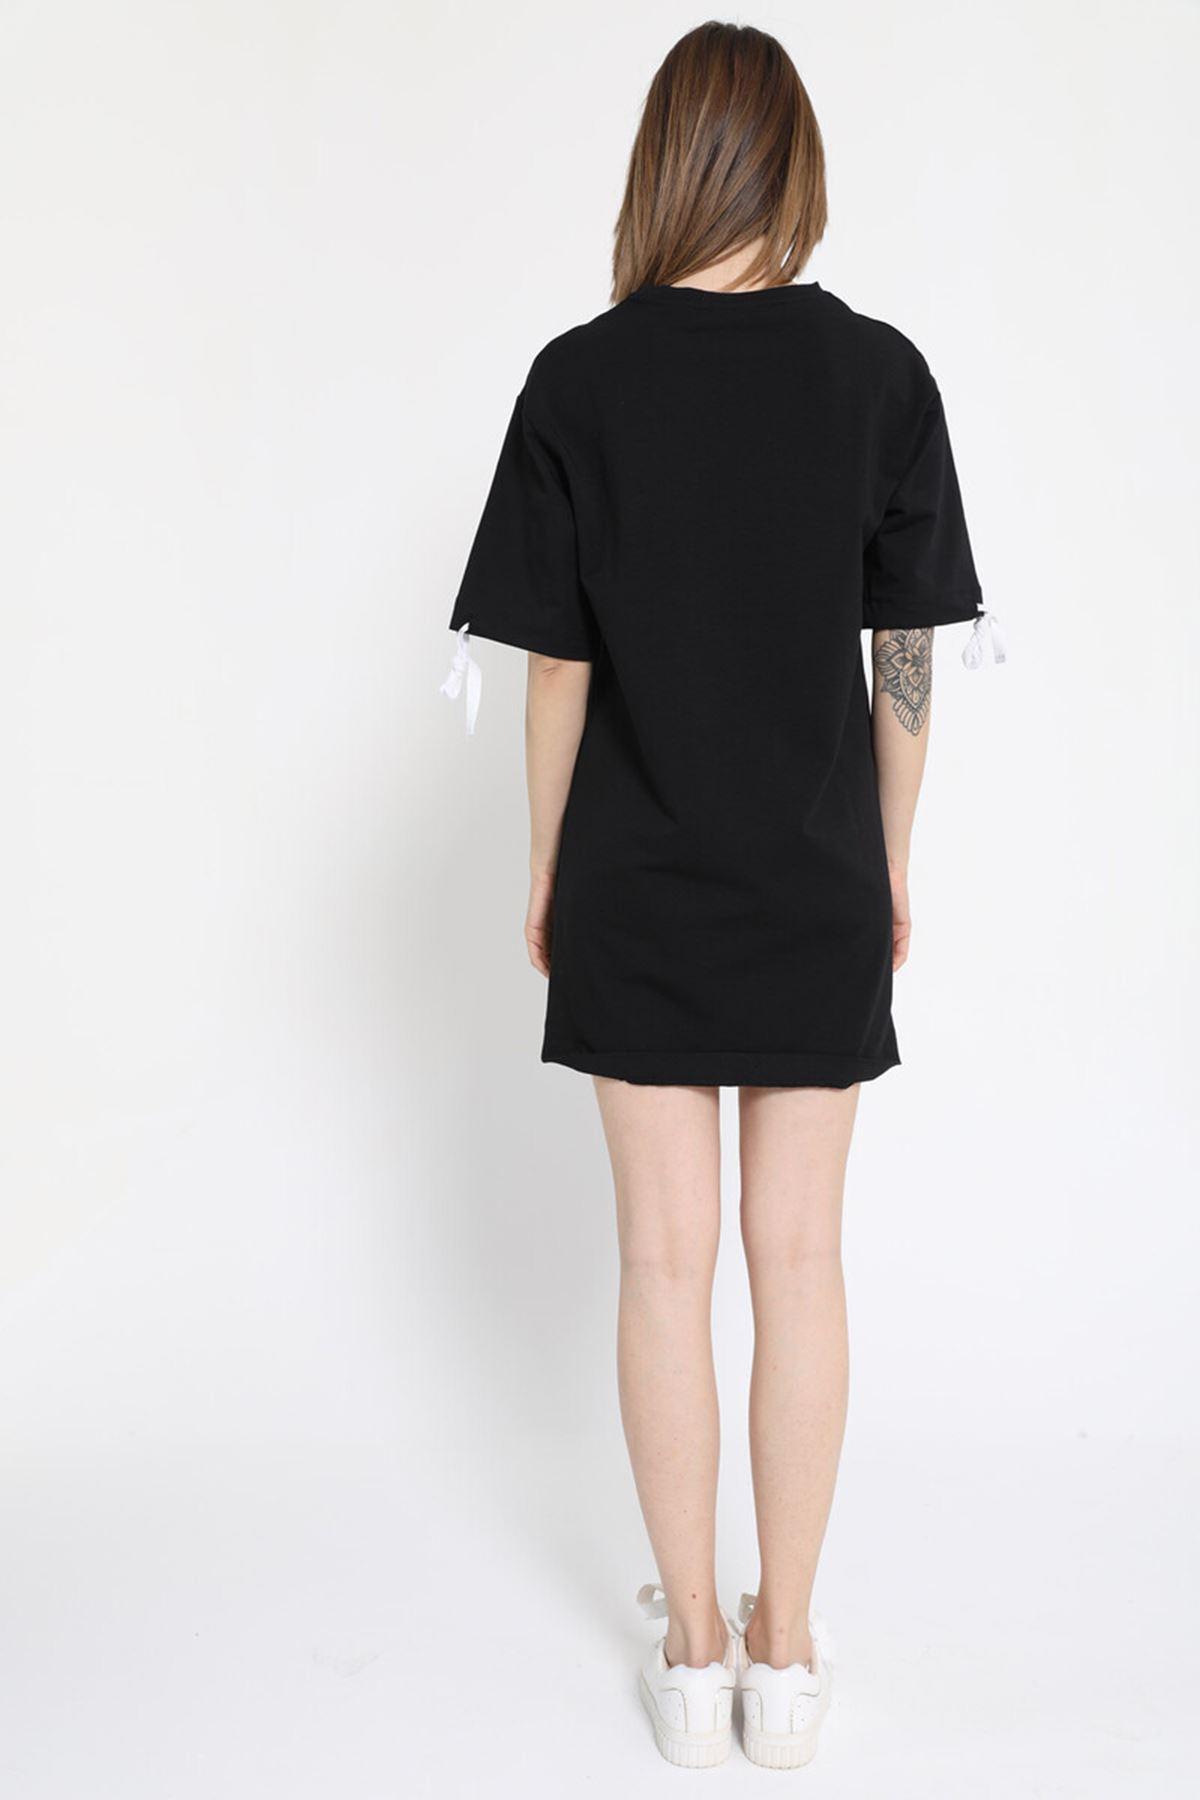 Yarım Kol Bağlama Detaylı Kısa Siyah Elbise